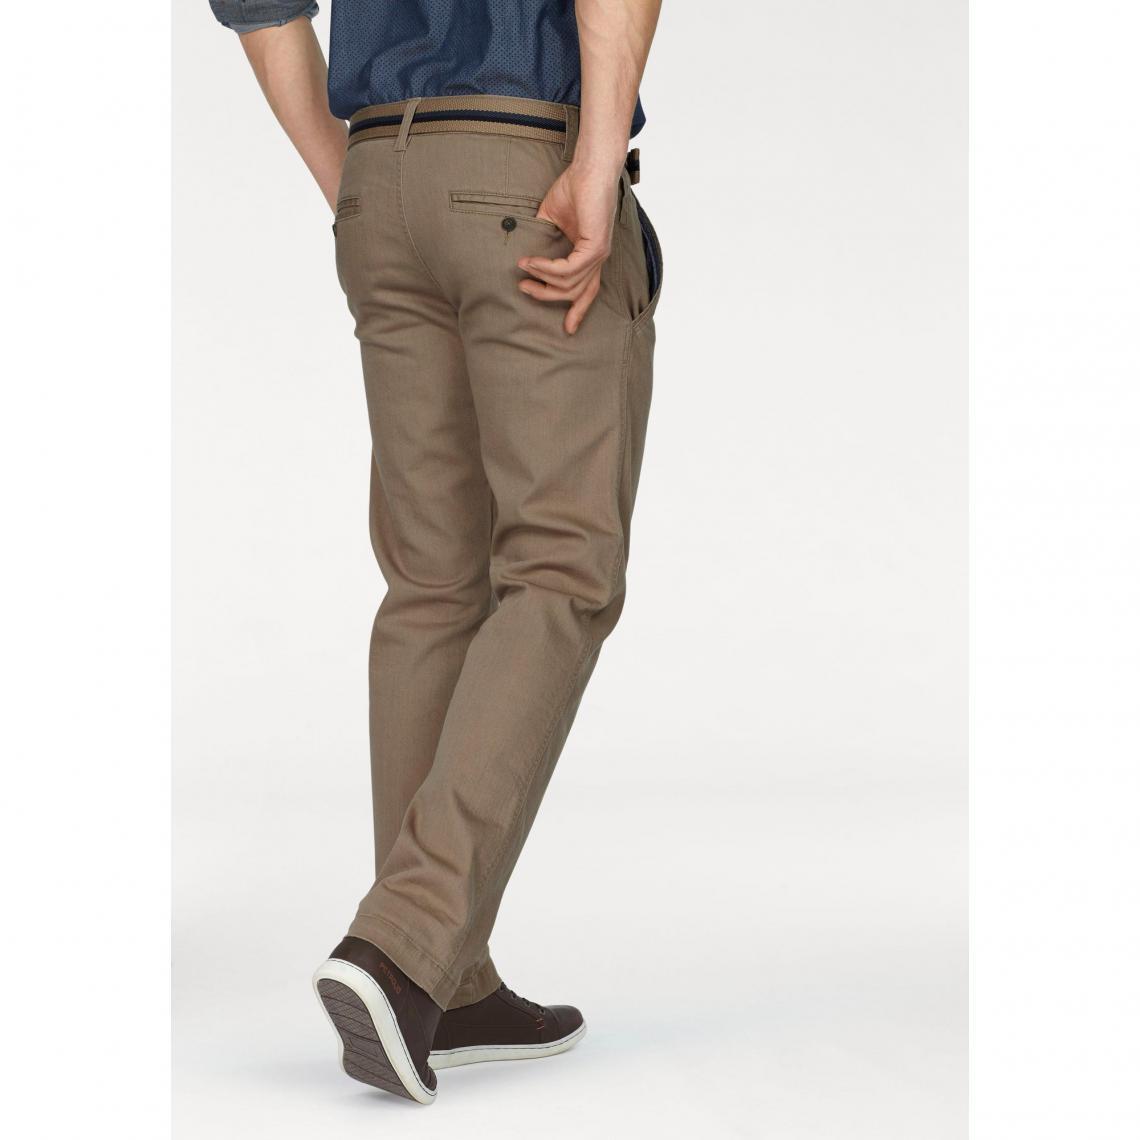 1bdef264fab6 Pantalons chino homme Rhode Island Cliquez l image pour l agrandir. Chino  avec ceinture longueur US 34 ...